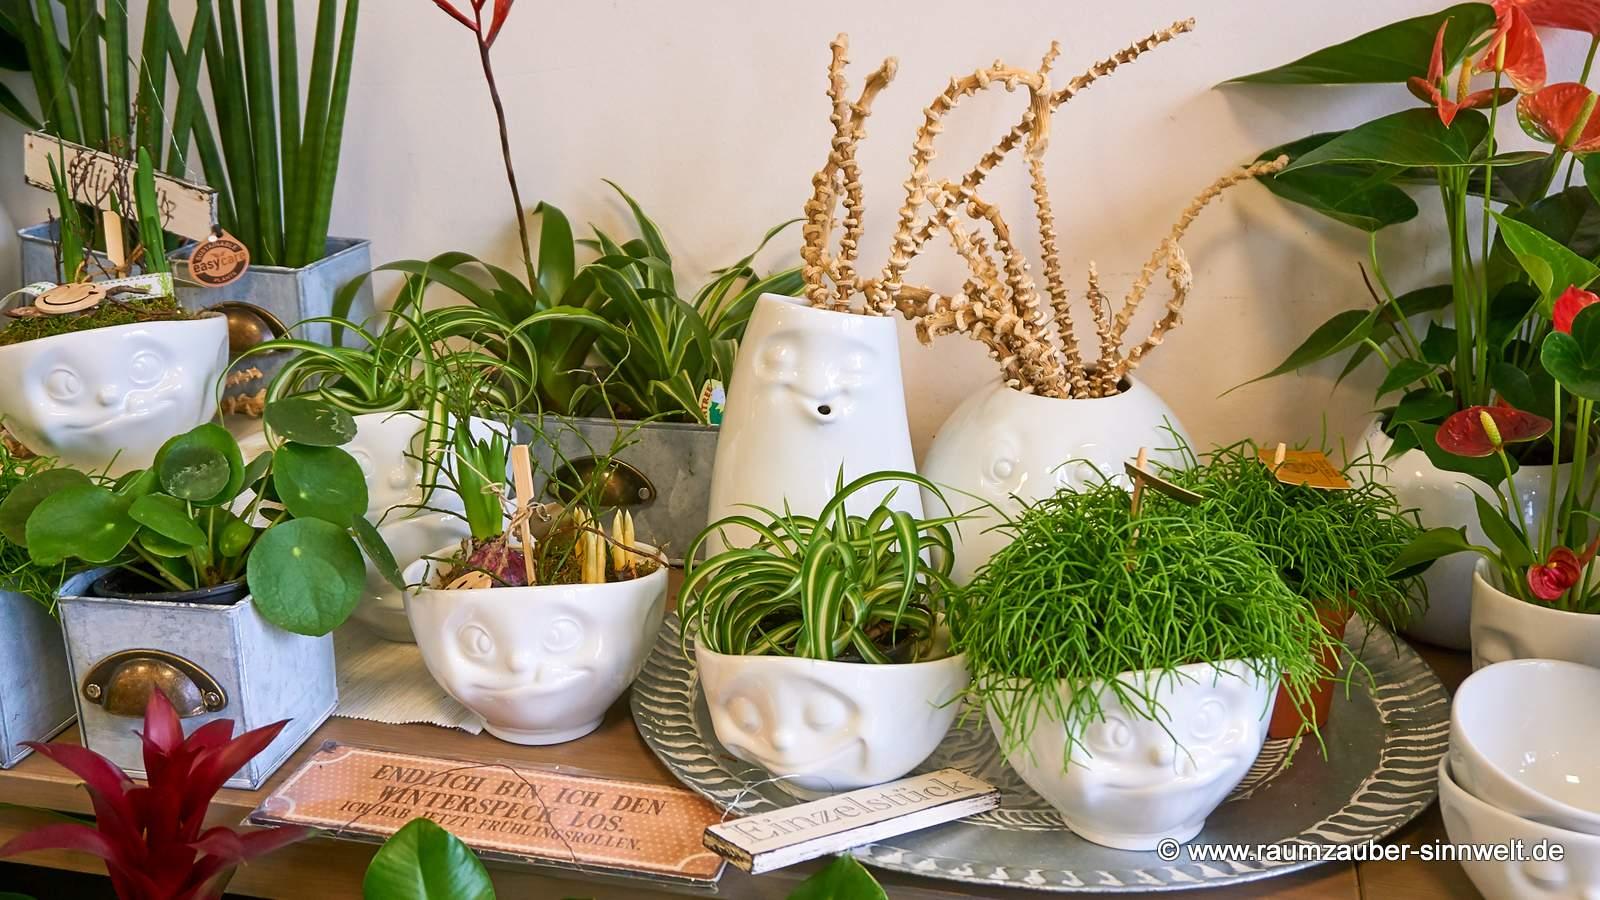 FIFTYEIGHT PRODUCTS Becher verschmitzt und Schale glücklich mit Pflanzen